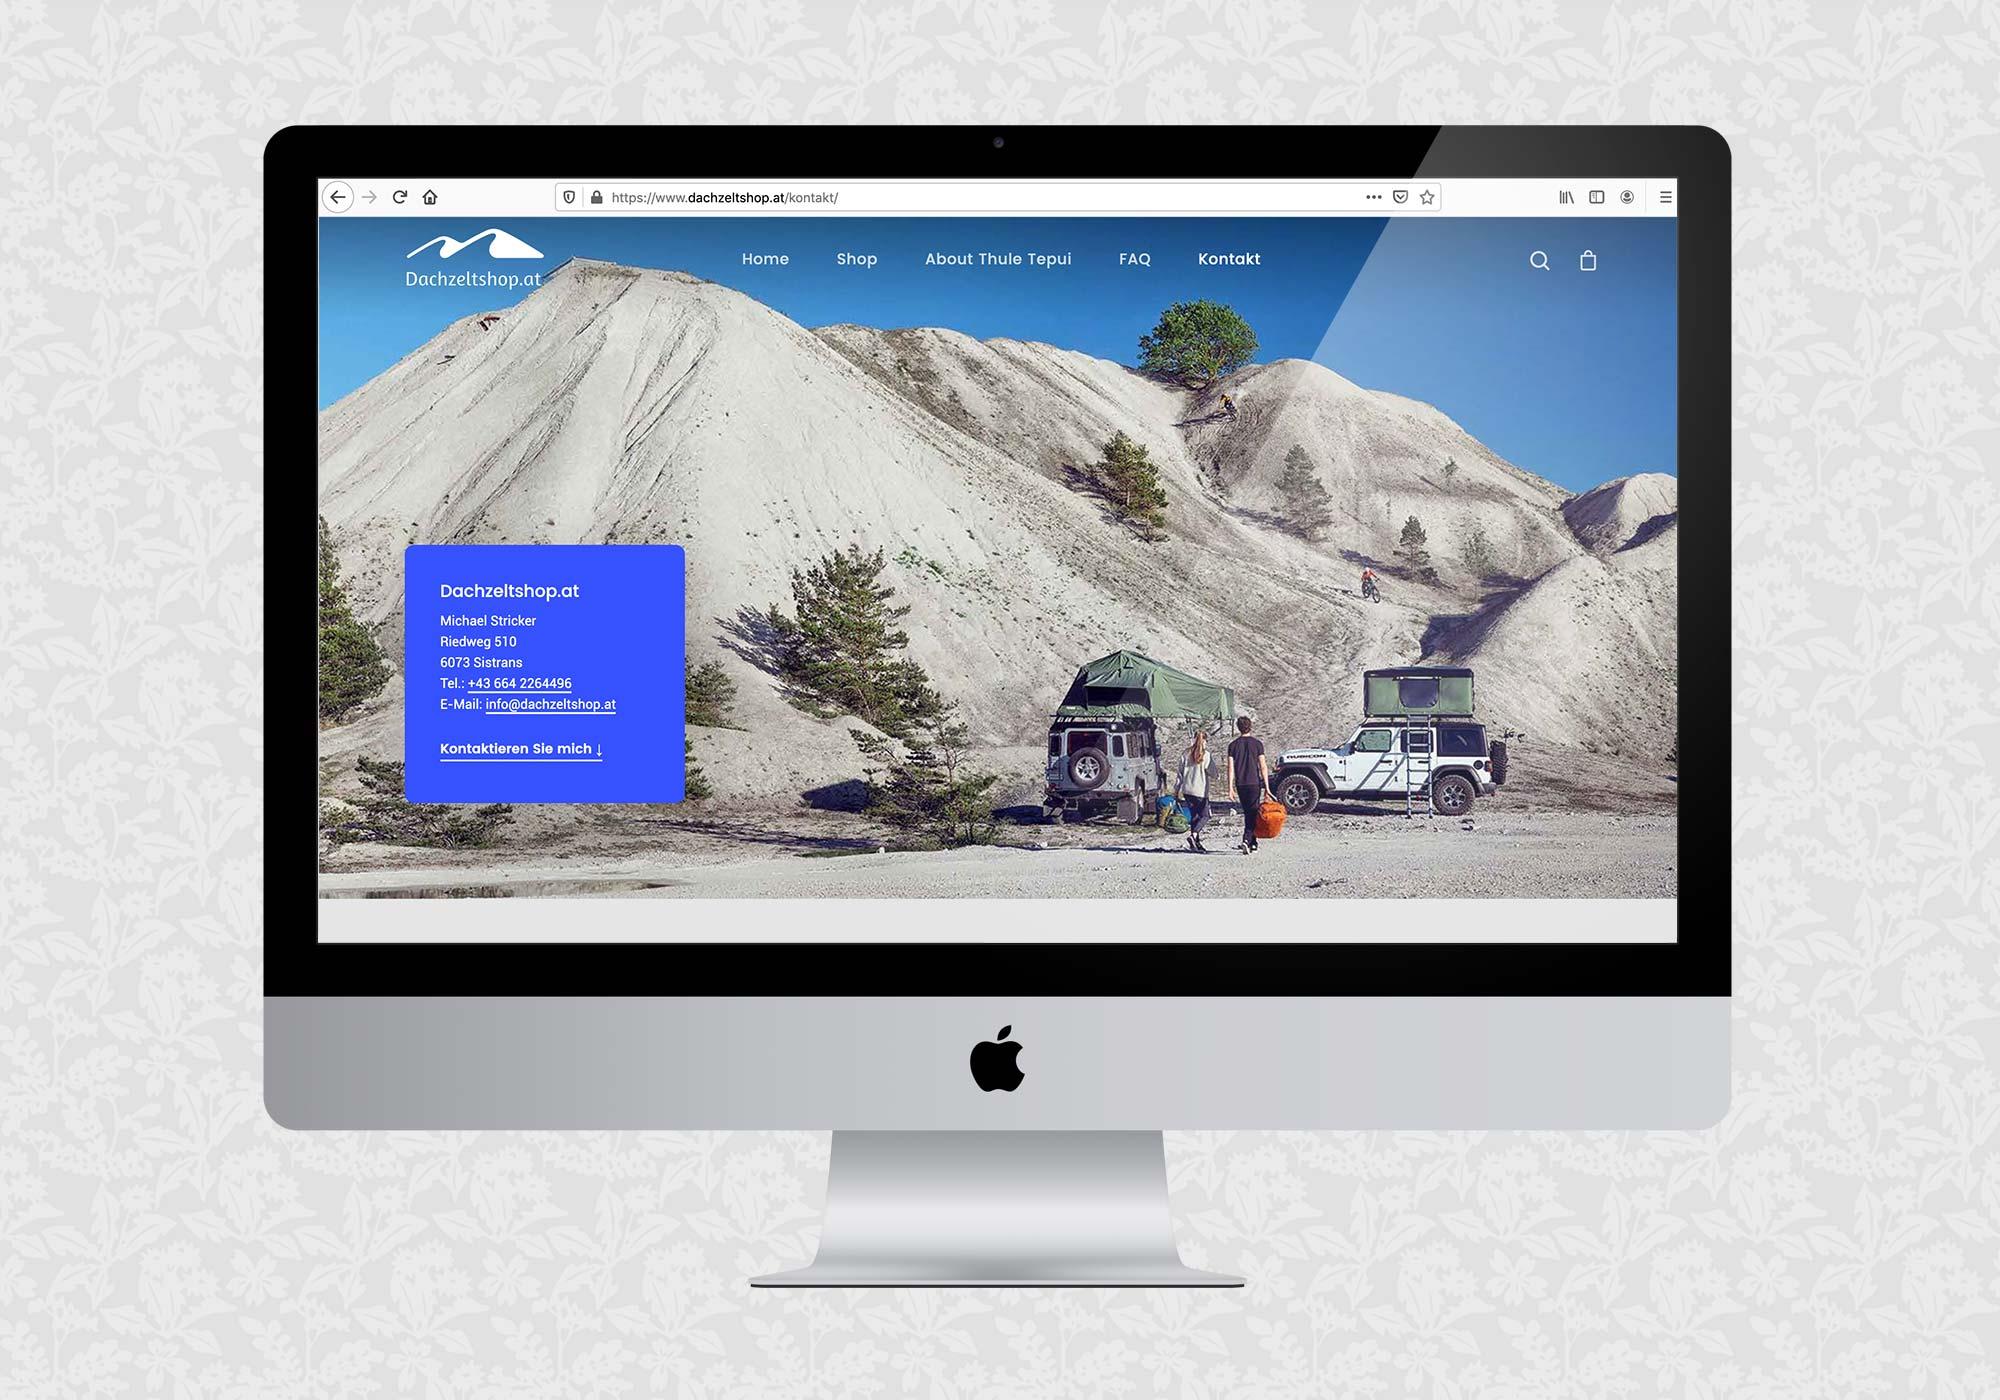 Webshop für Dachzeltshop.at | © fein fein